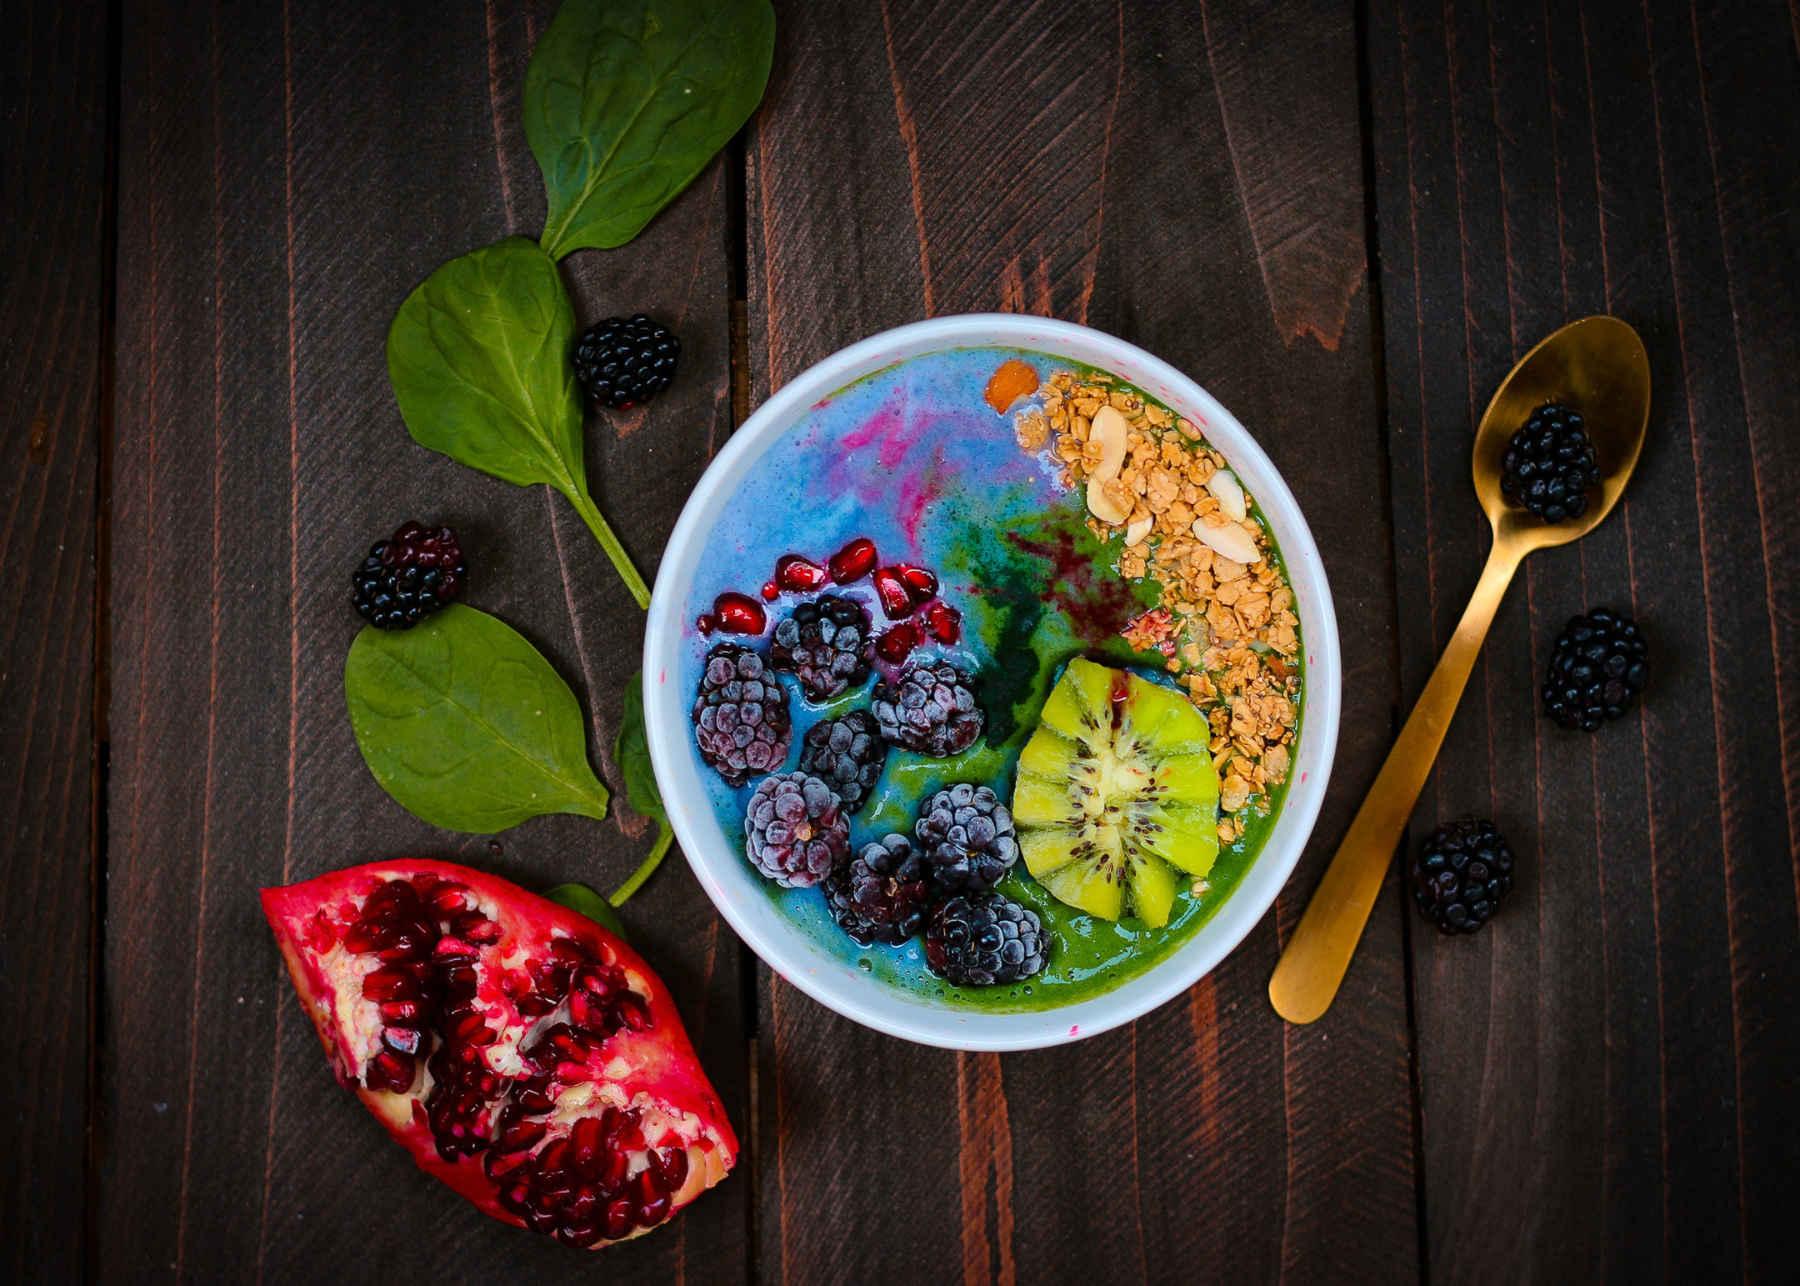 La restriction calorique ralentit le vieillissement, le métabolisme, et protège contre les maladies liées à l'âge